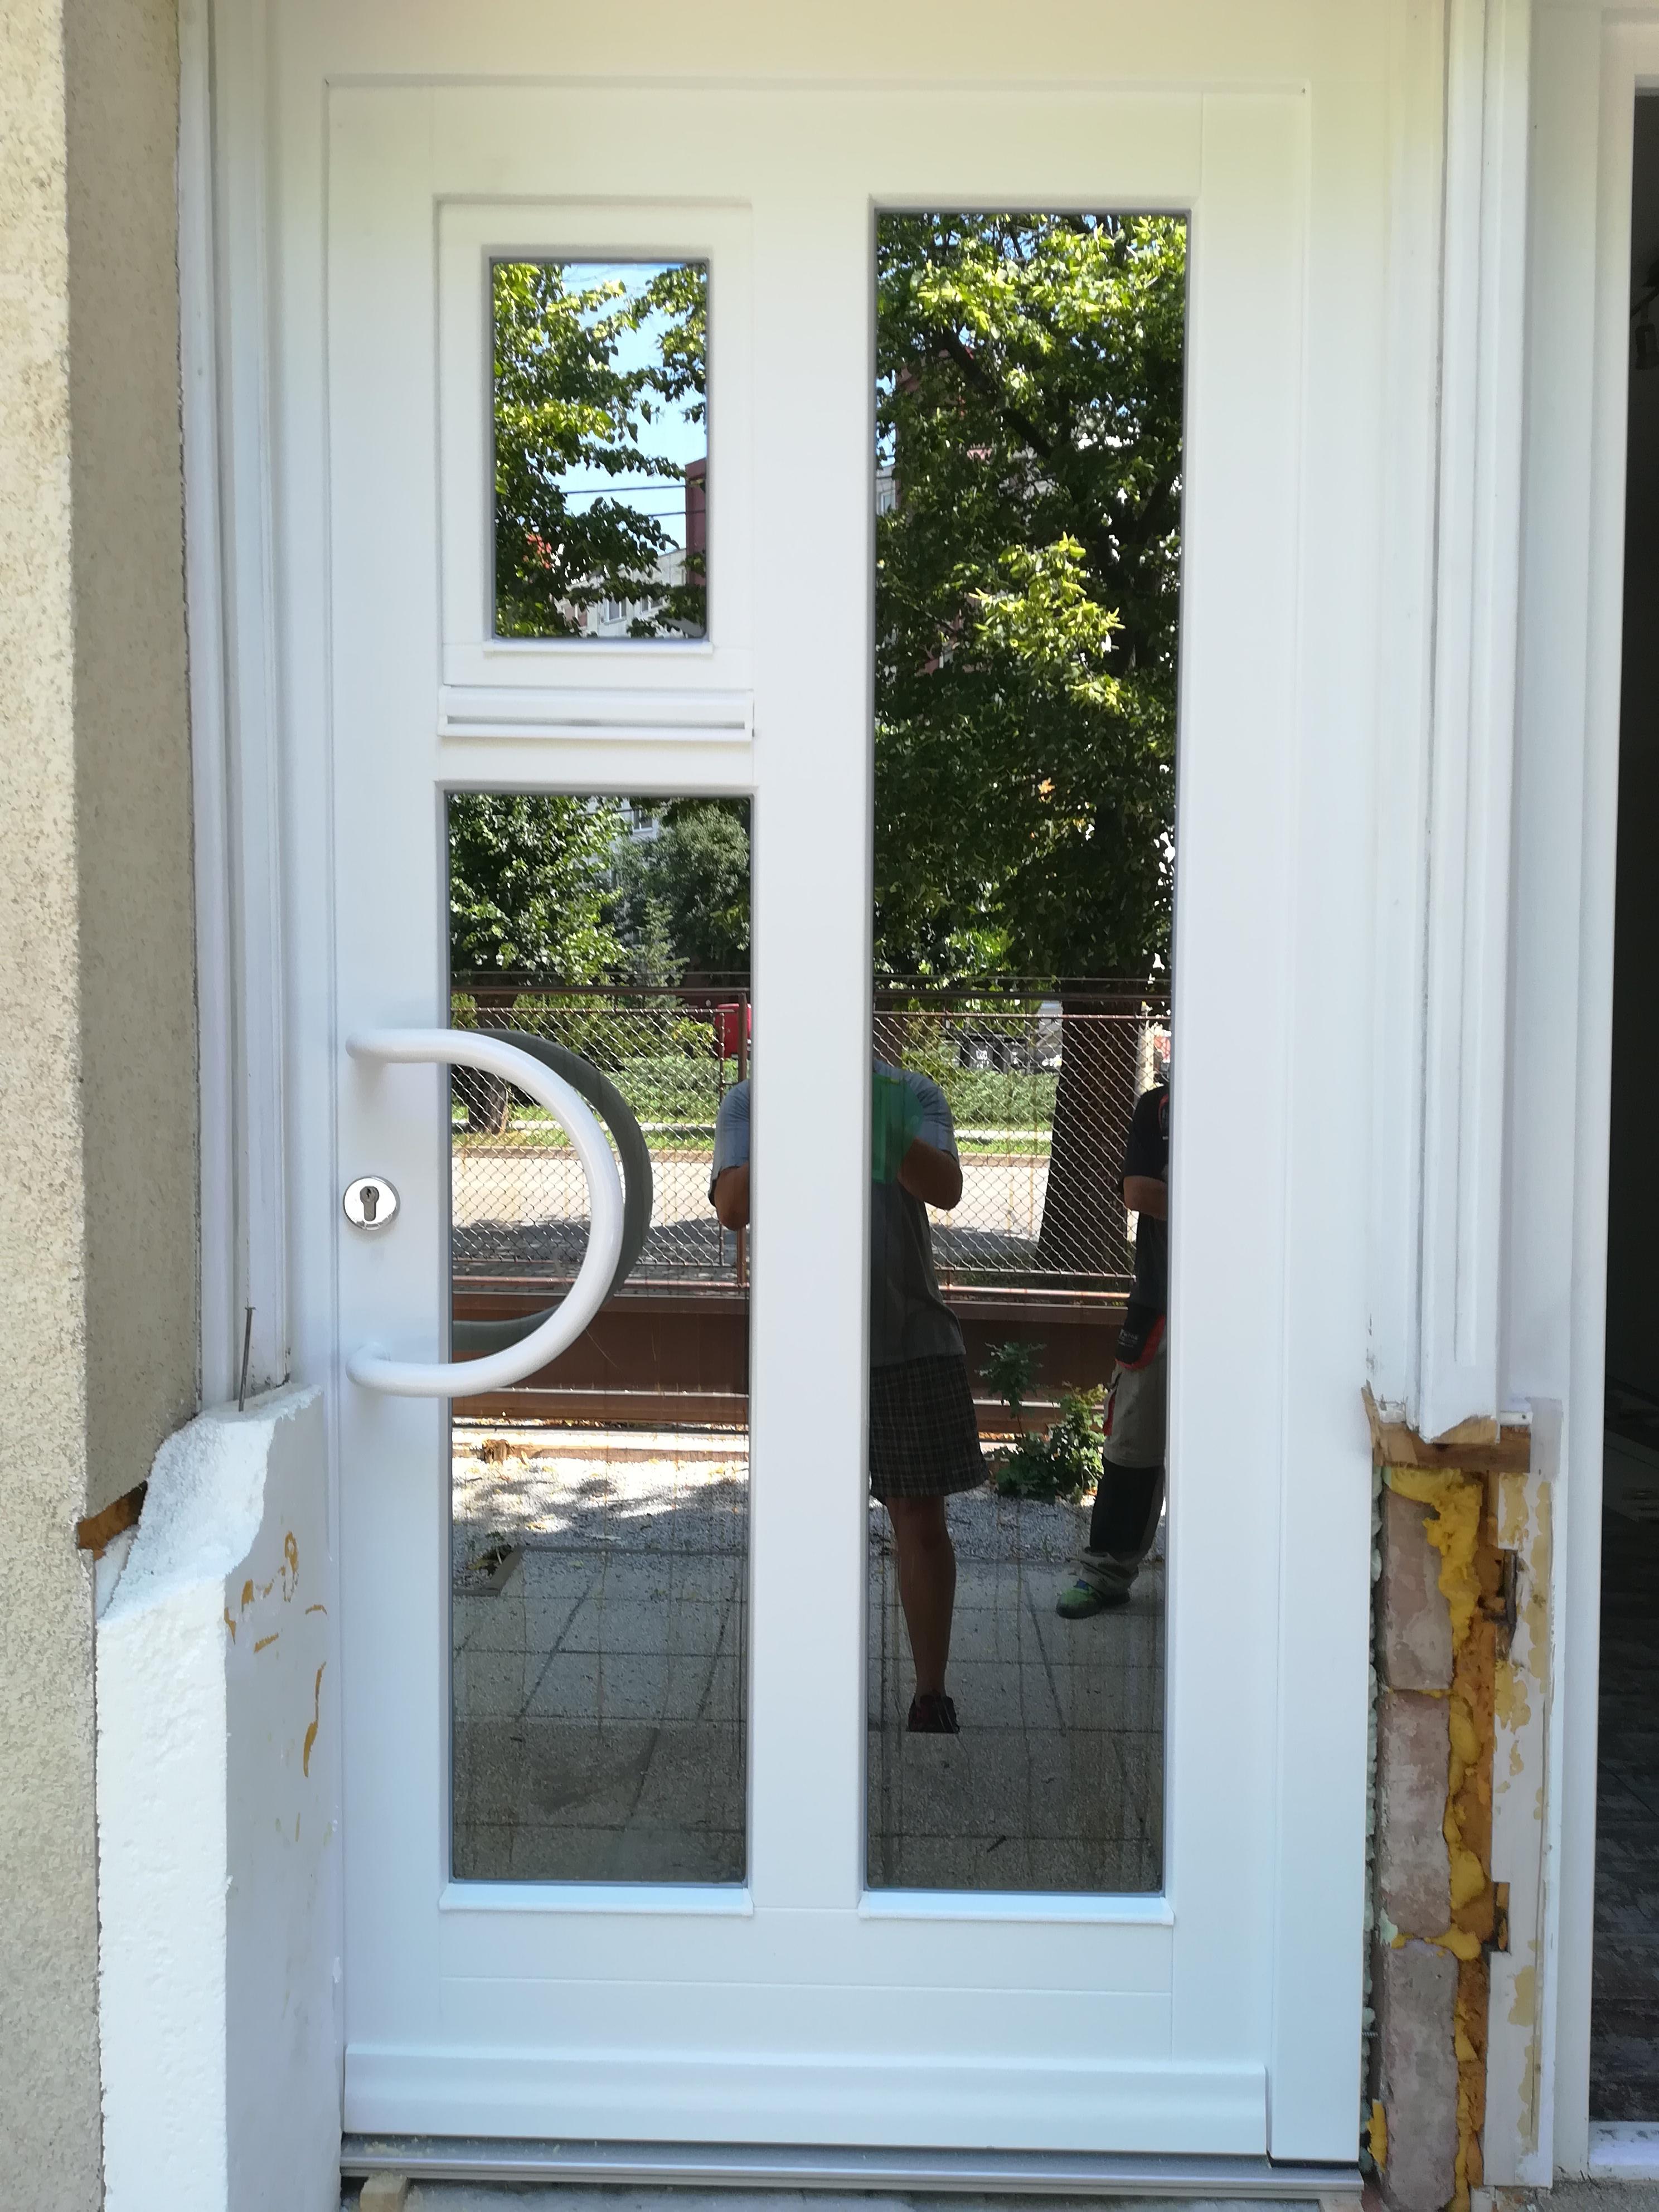 Vchodové dvere drevené s otváracím oknom v dvernom krídle